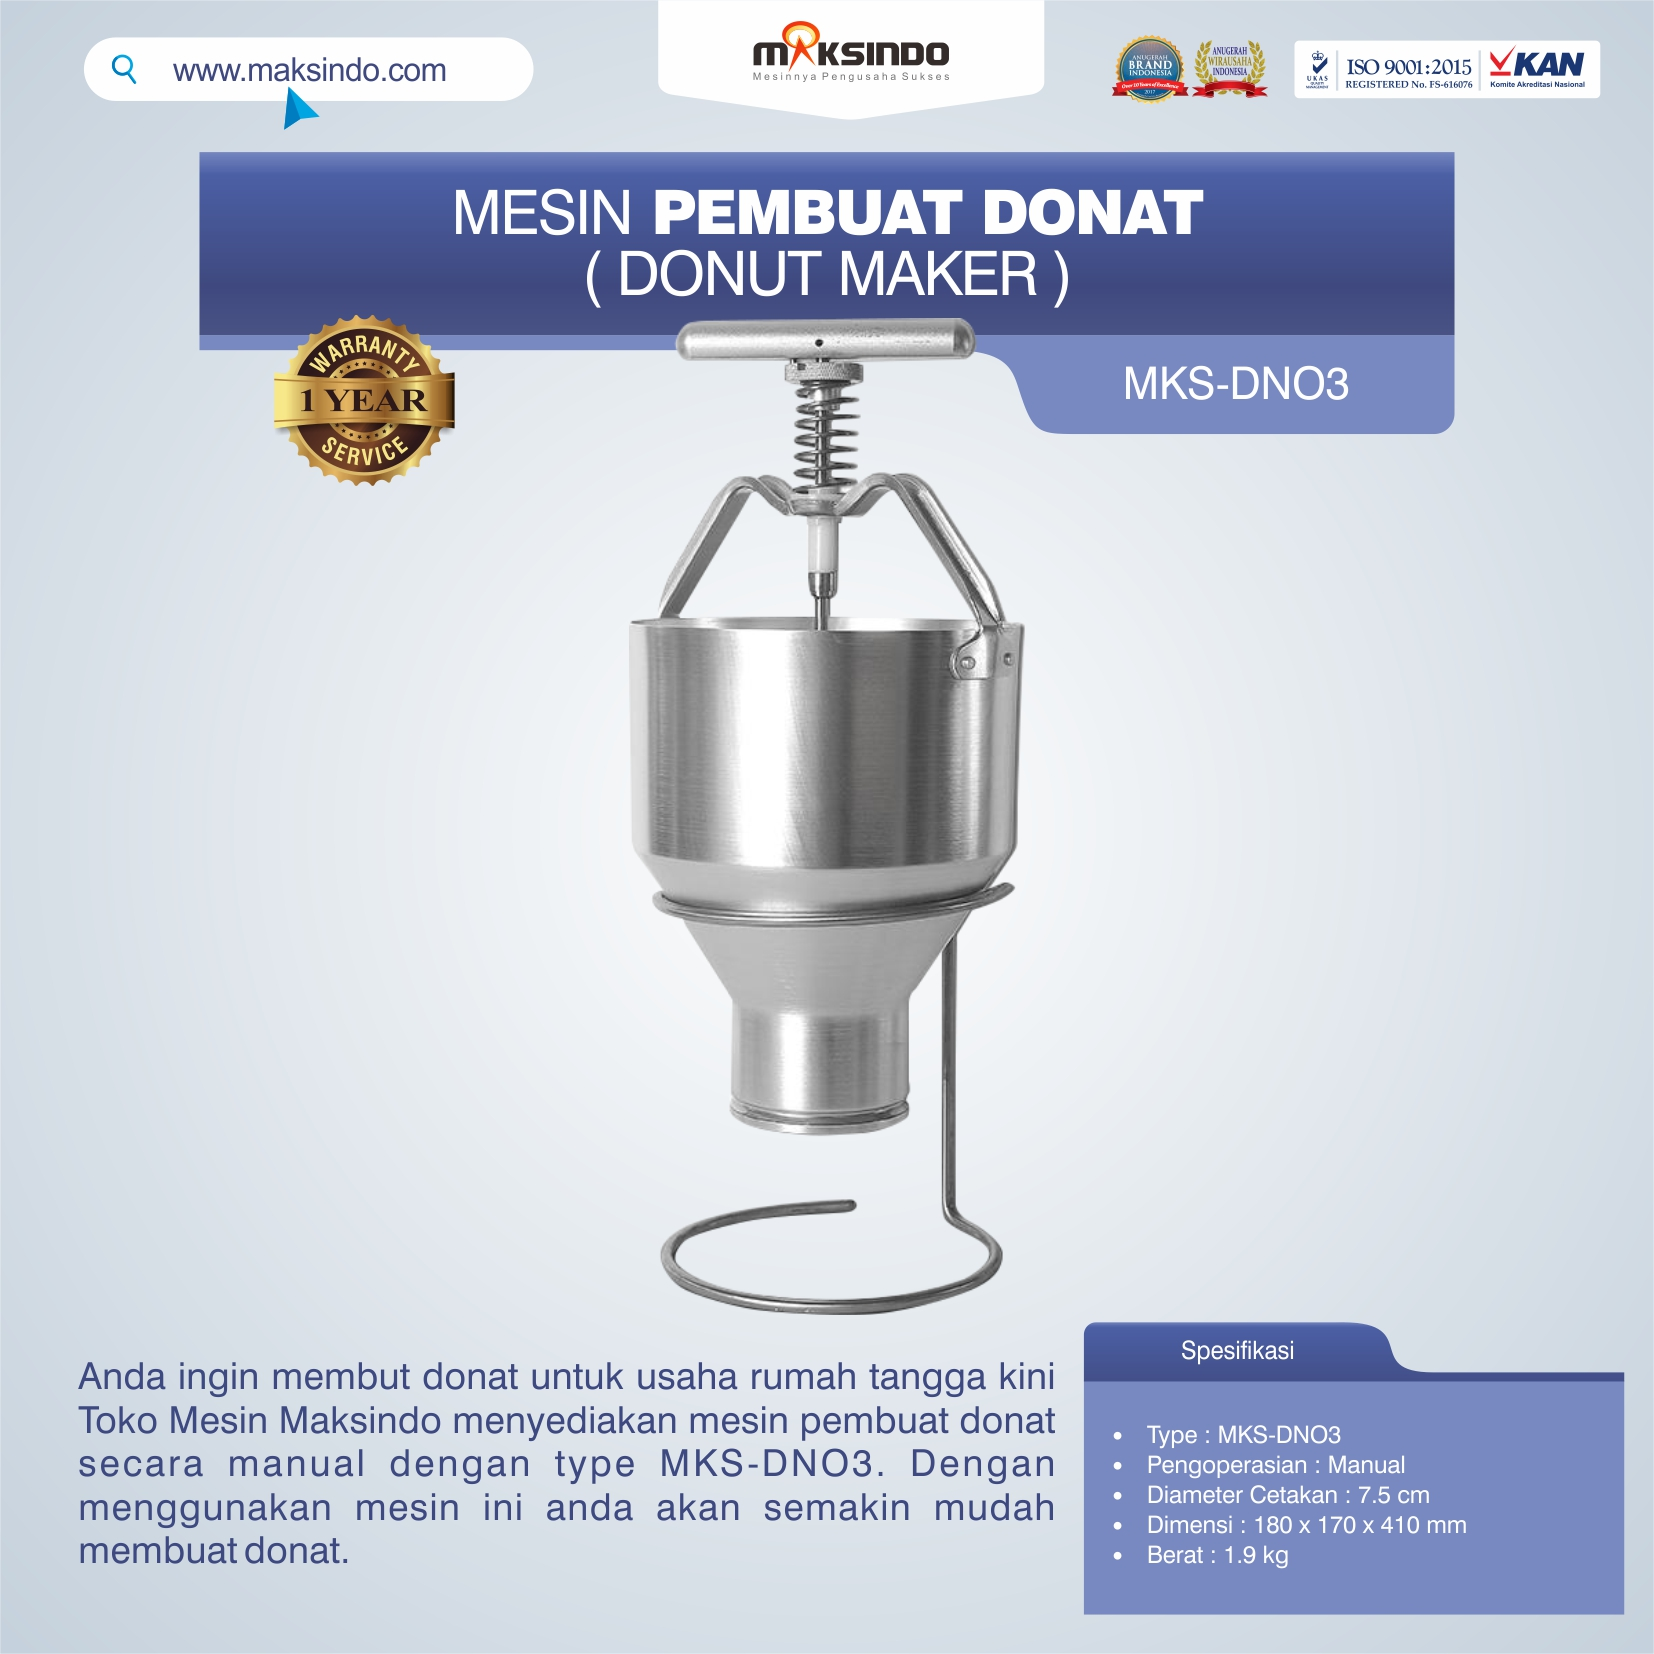 Jual Mesin Pembuat Donat (Donut Maker) MKS-DN03 di Tangerang